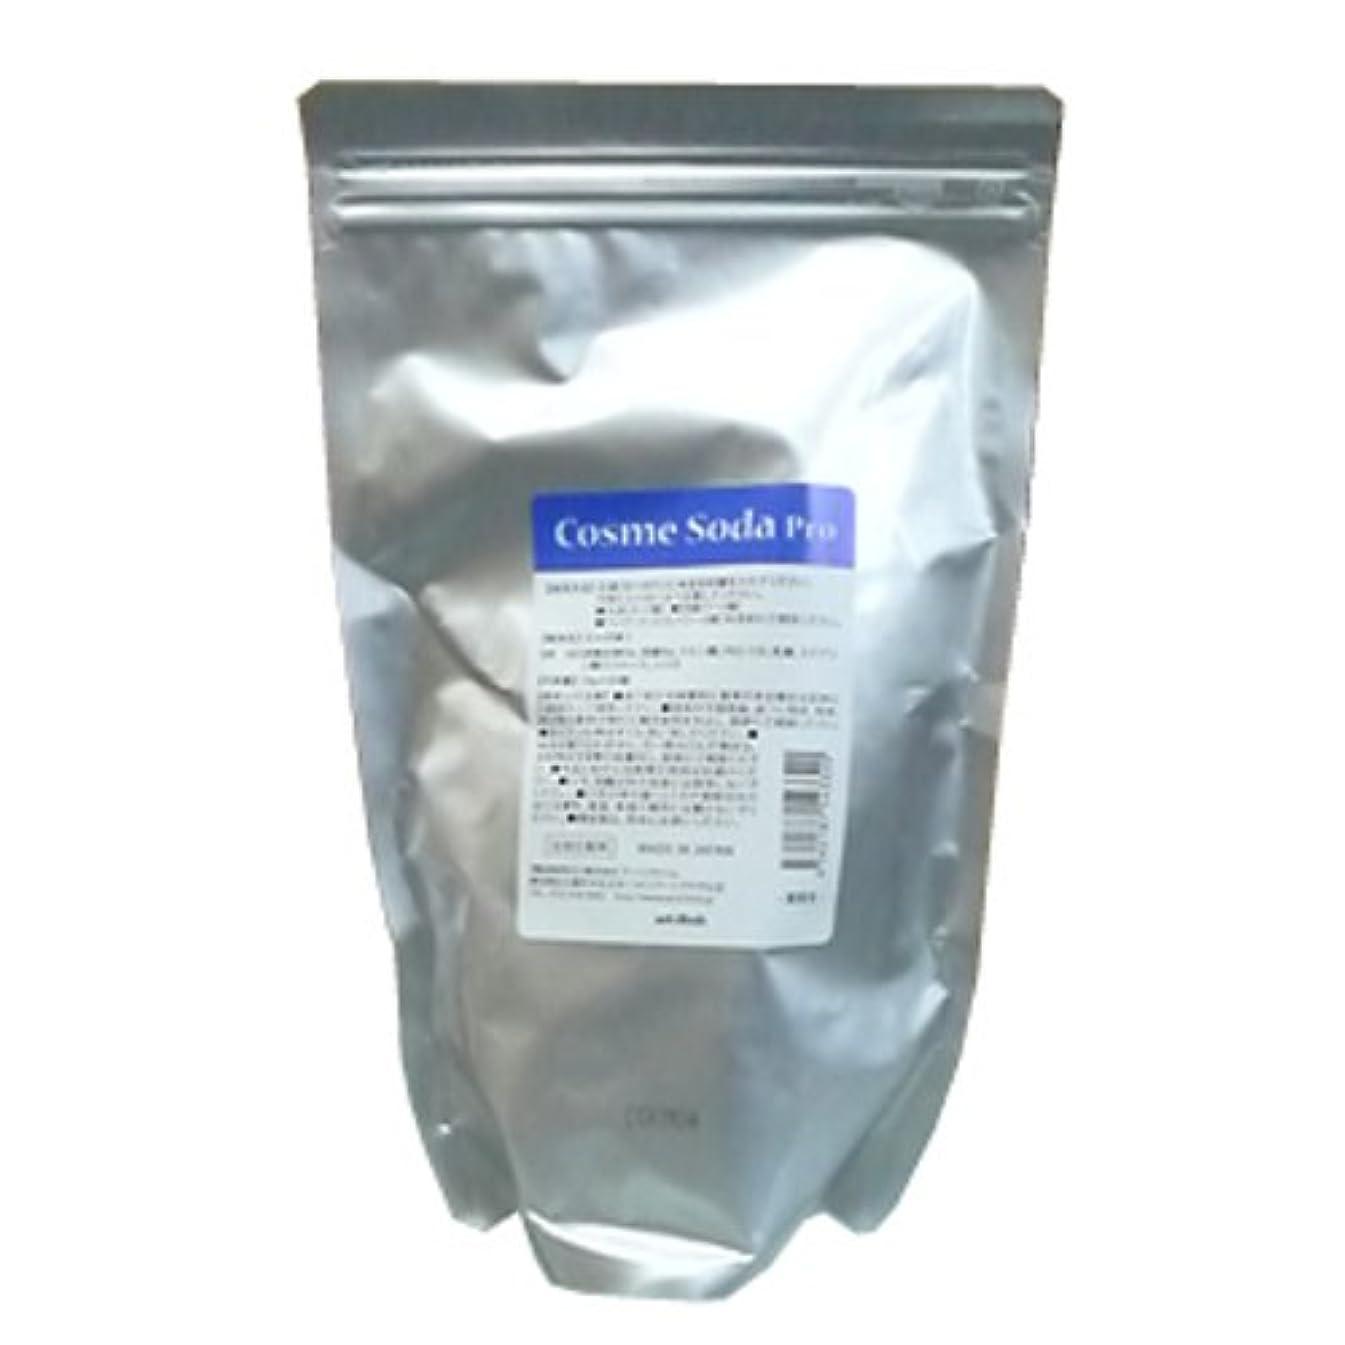 一握り乳アコード重炭酸SPA Cosme Soda Pro(コスメソーダプロ) 16g×60錠入り(業務用)